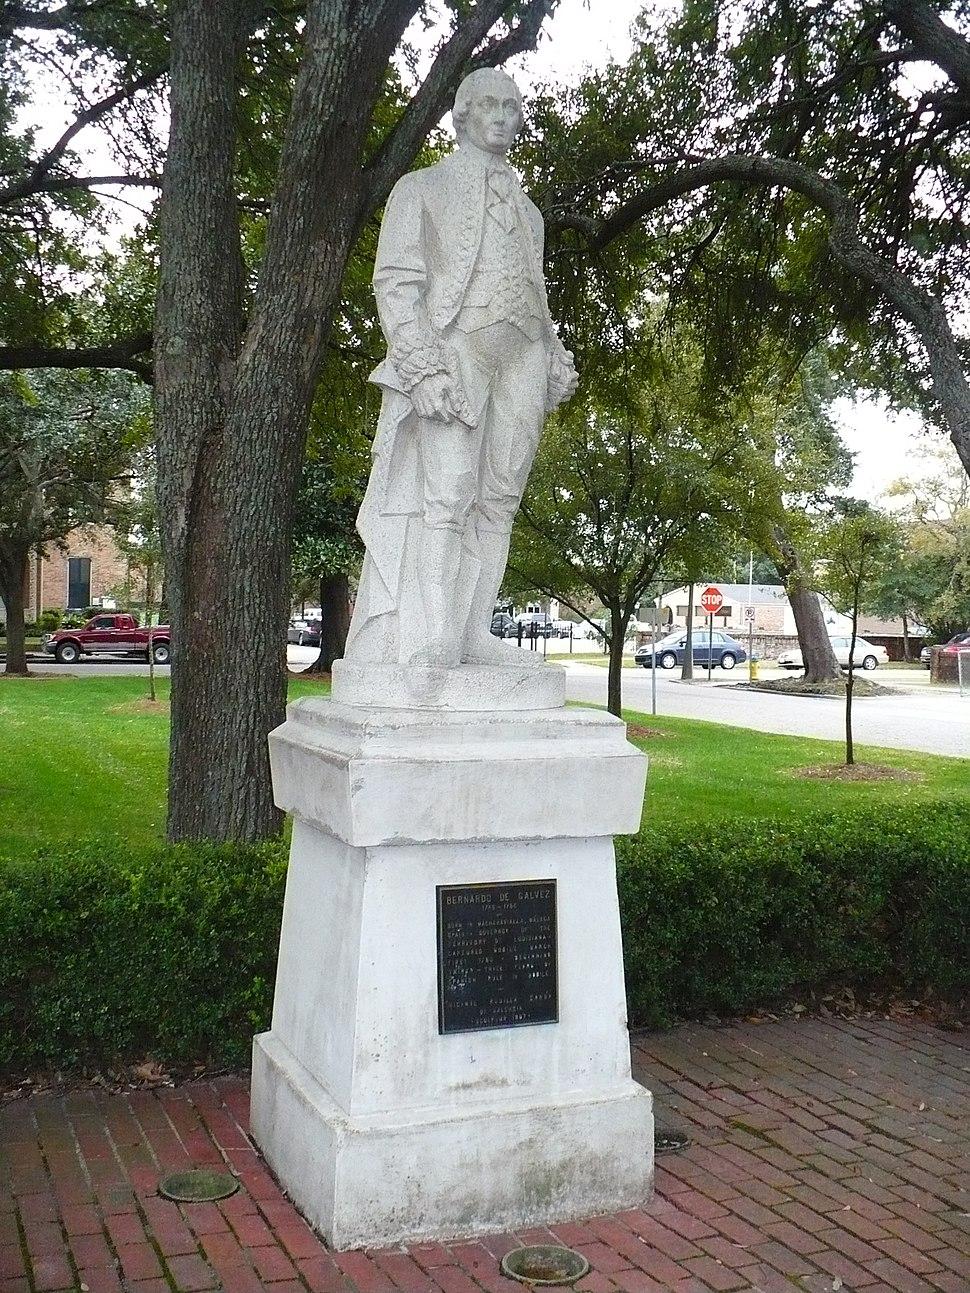 Statue of Bernardo de Galvez